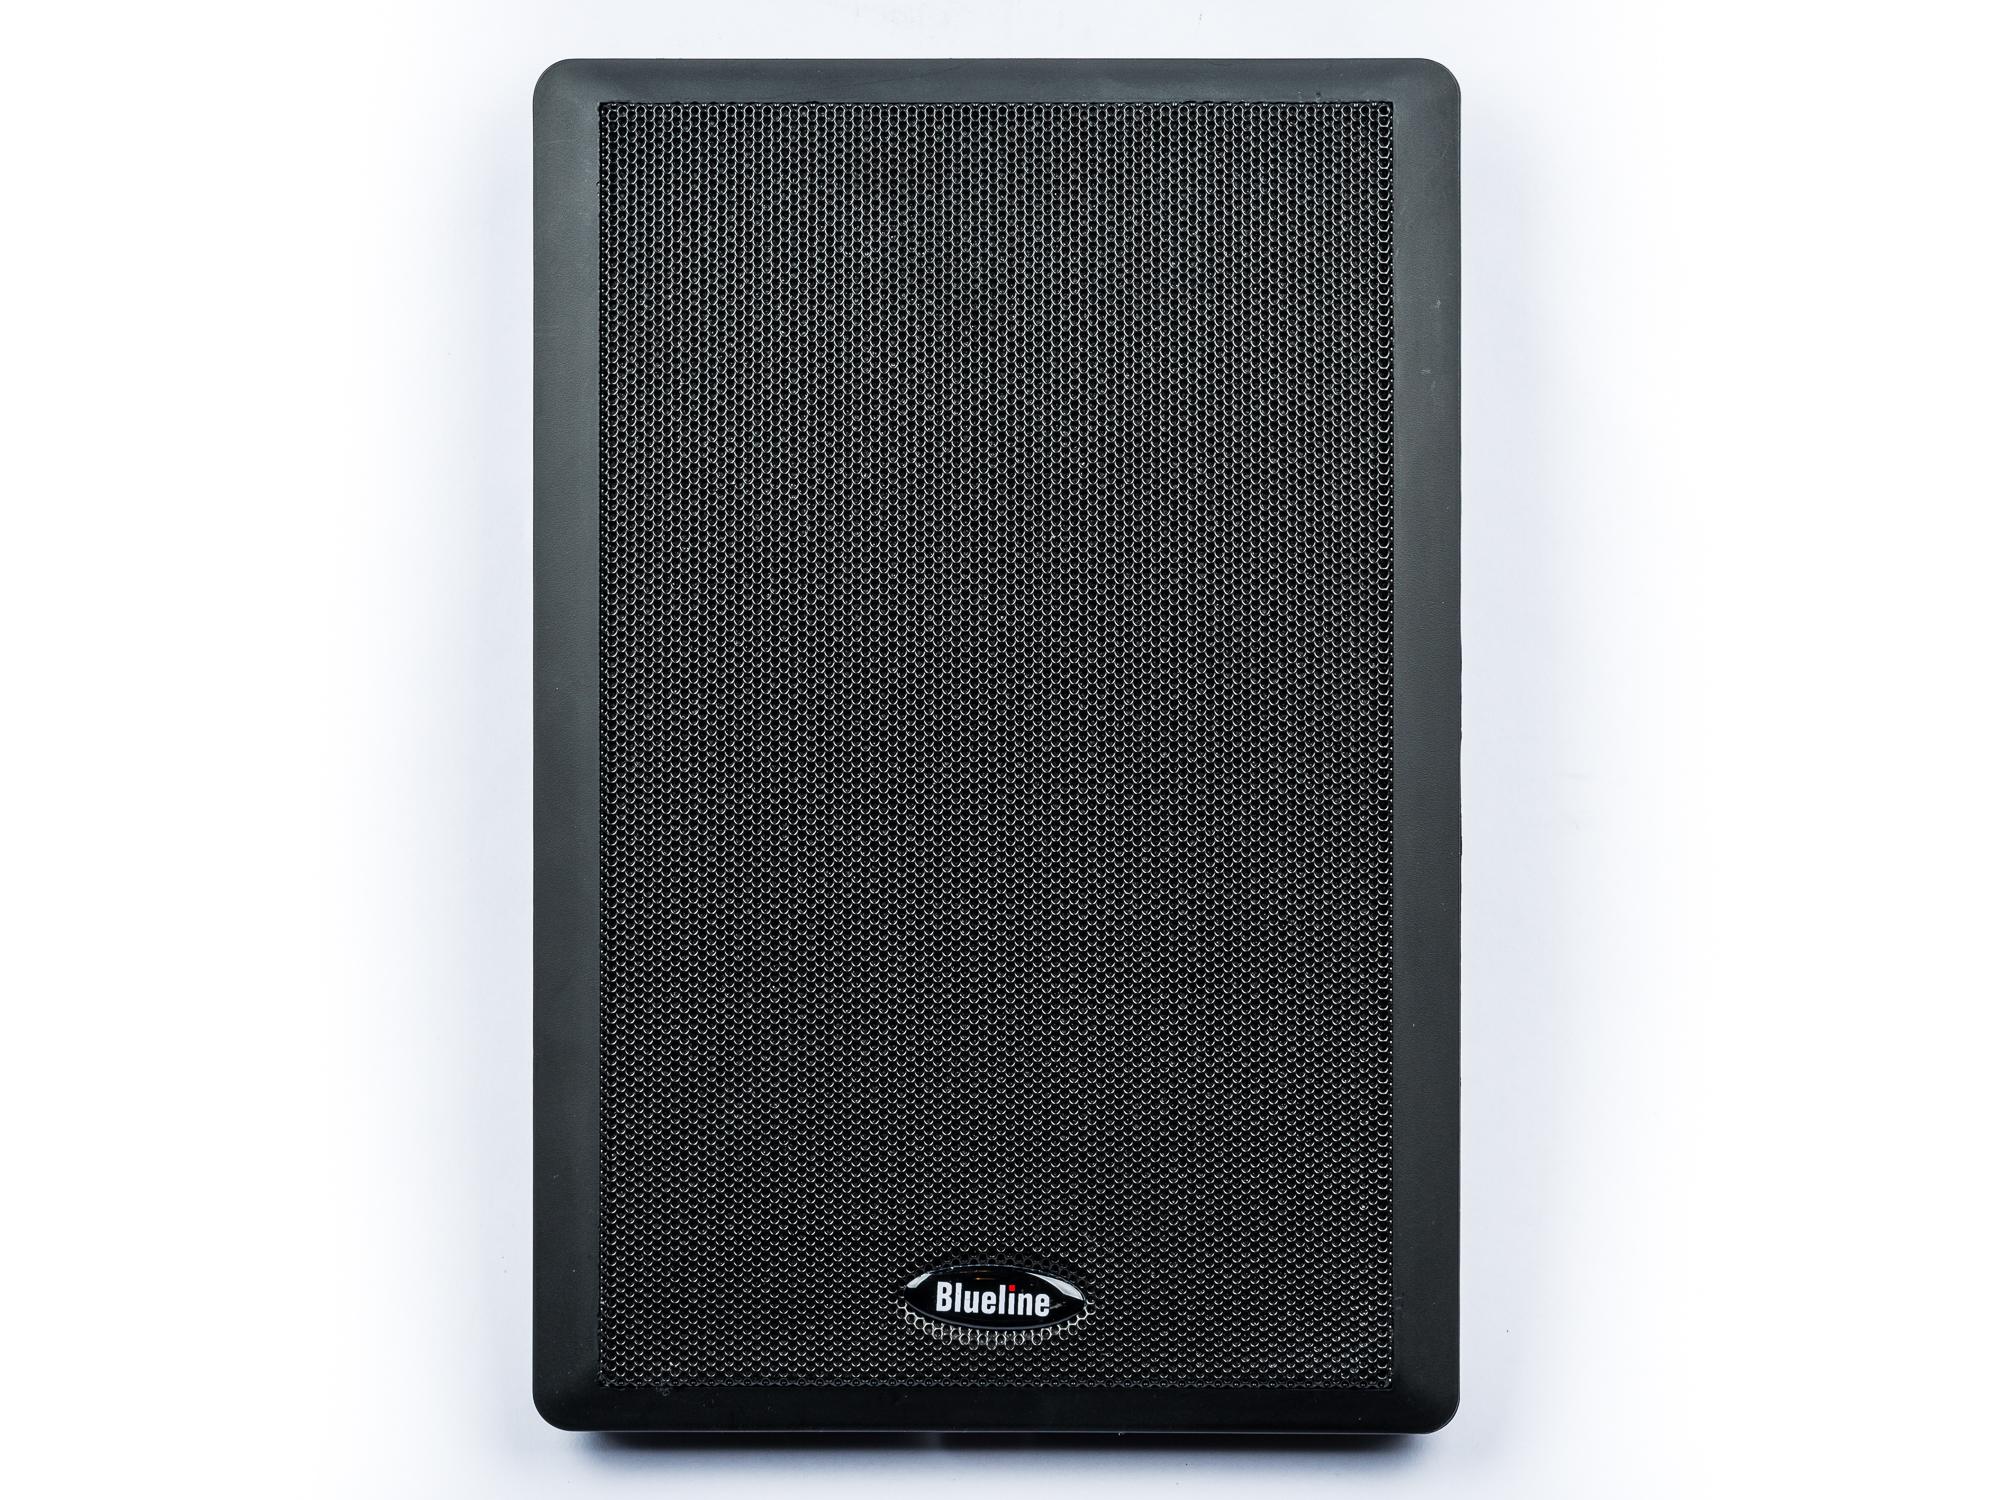 Blueline Flachlautsprecher für Dolby Atmos 2 Wege, 40 Watt Paar schwarz – Bild 1